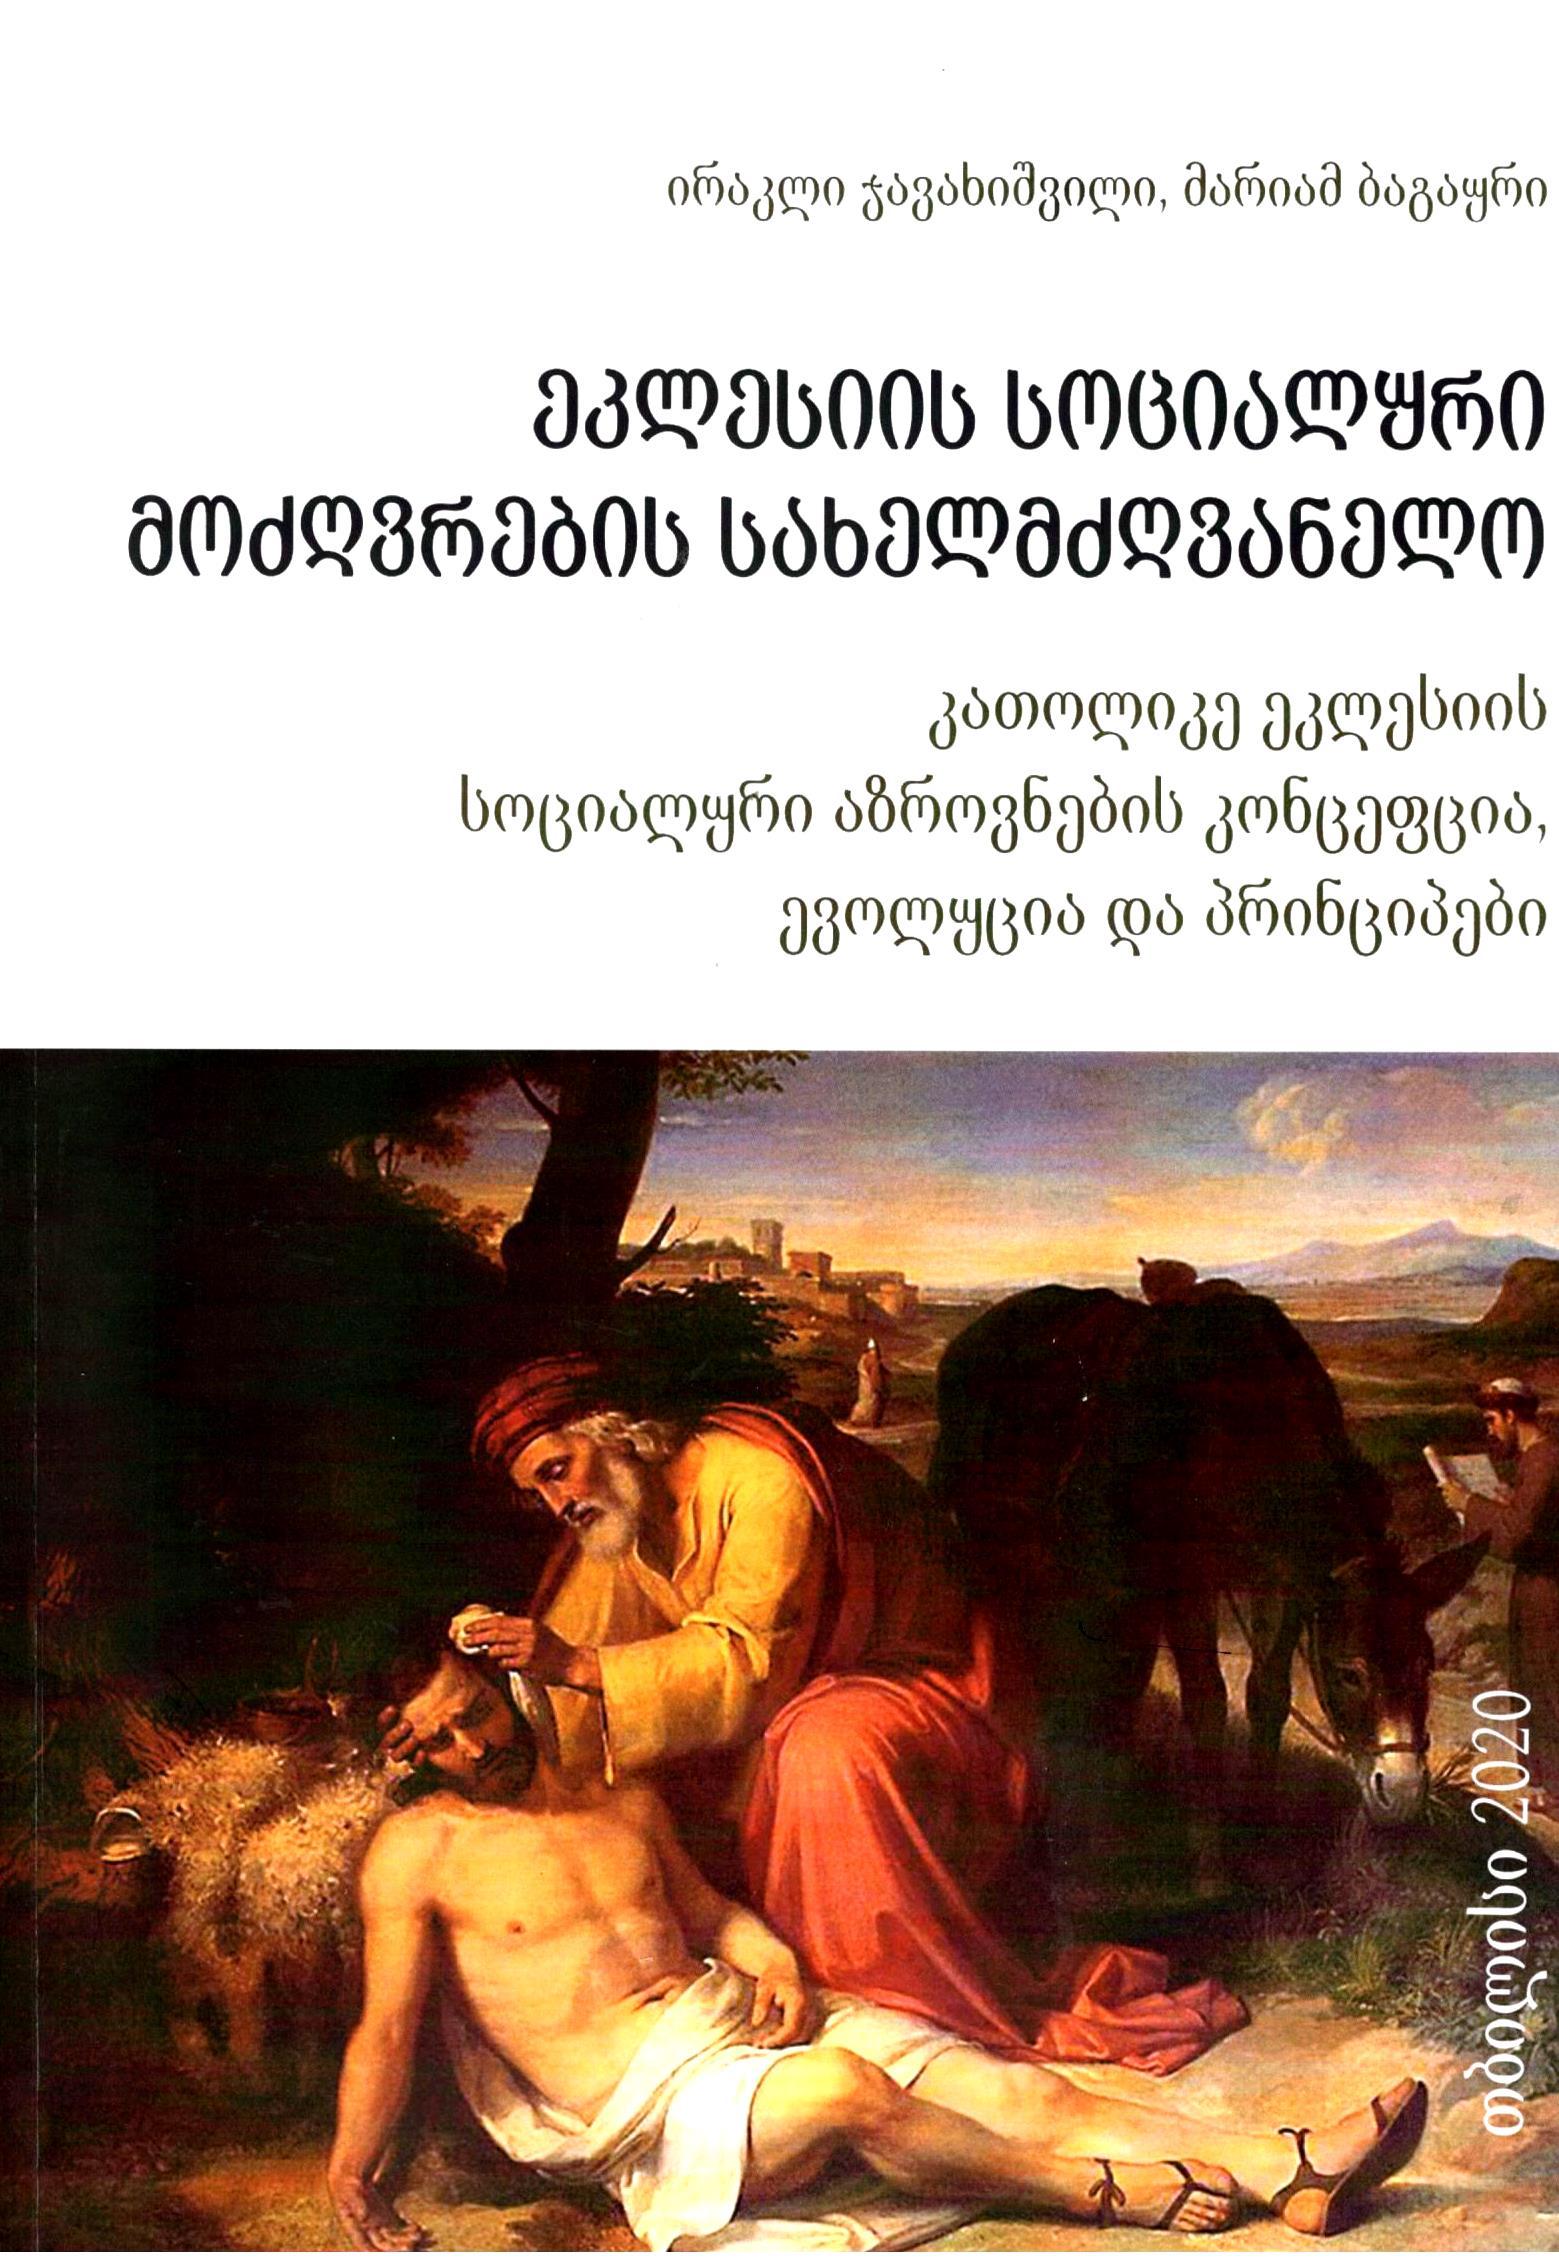 ირაკლი ჯავახიშვილი, მარიამ ბაგაური  - ეკლესიის სოციალური მოძღვრების სახელმძღვანელო.